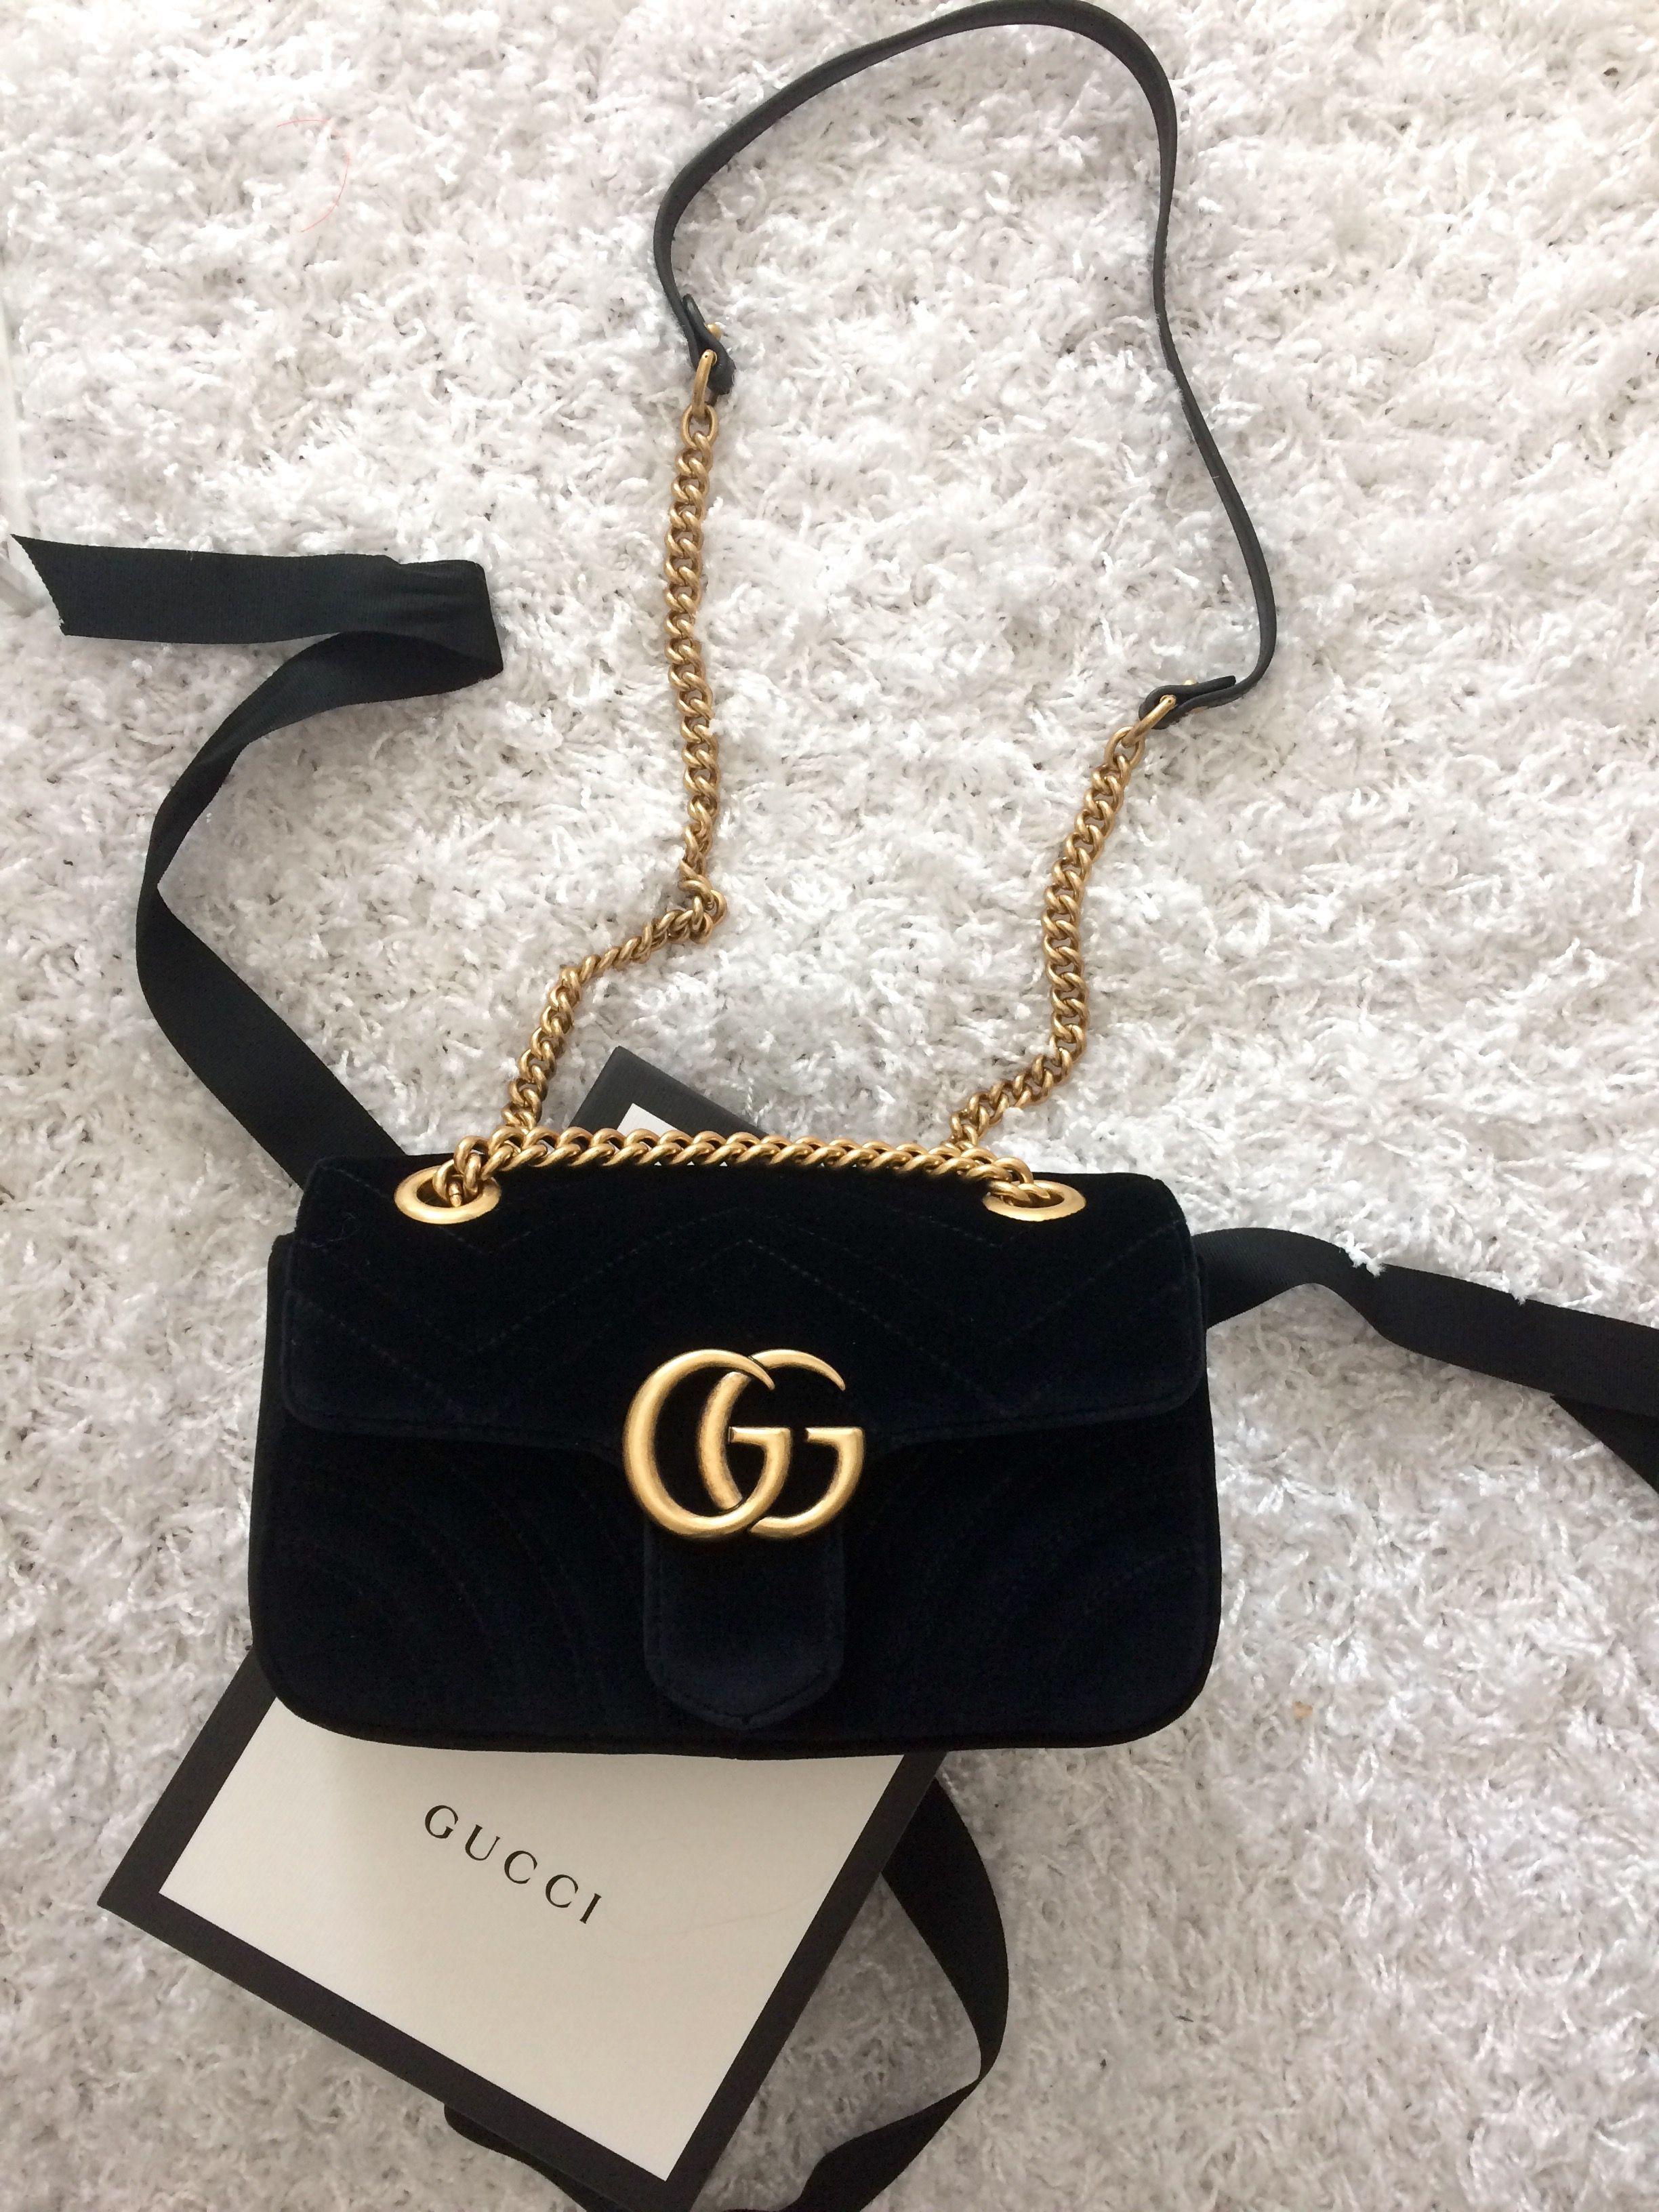 07c77739e381 Gucci Marmont velvet mini bag #women'sdesignerhandbagsbrands   Women ...